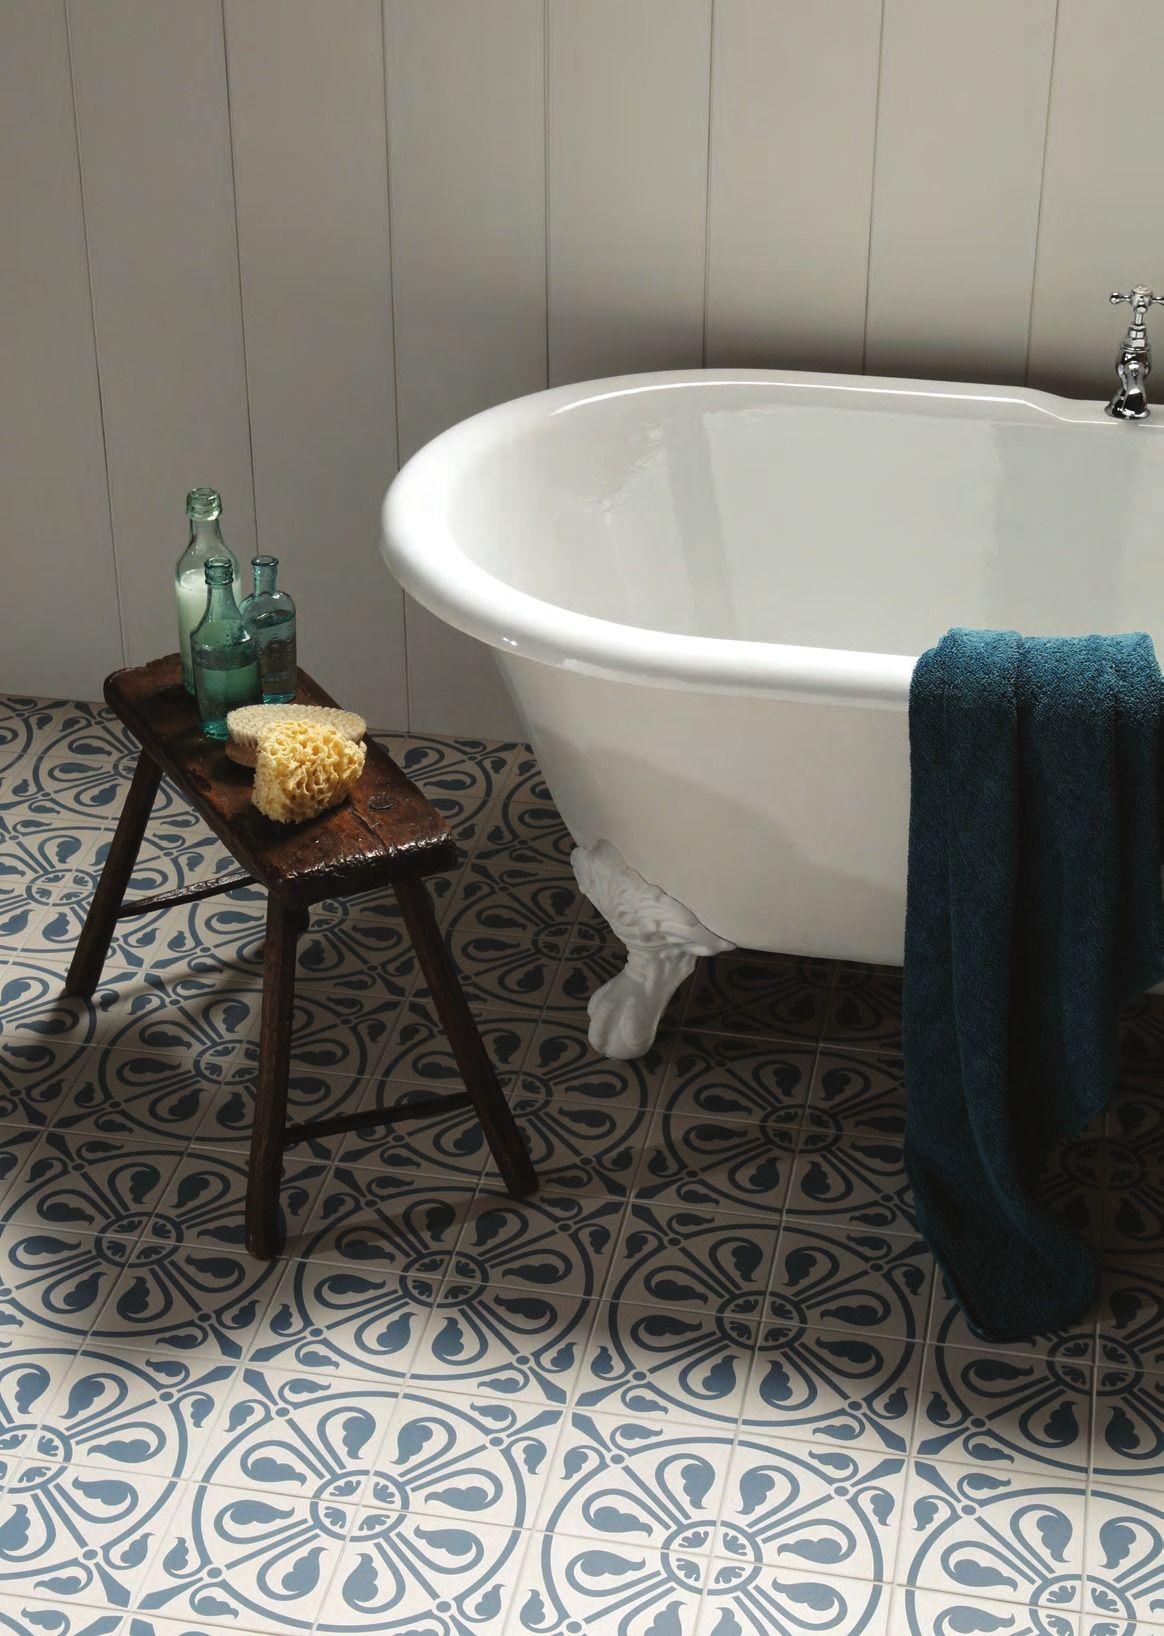 Badezimmer fliesen design von kajaria home interior design u cool bathroom tiles  change the entire mood